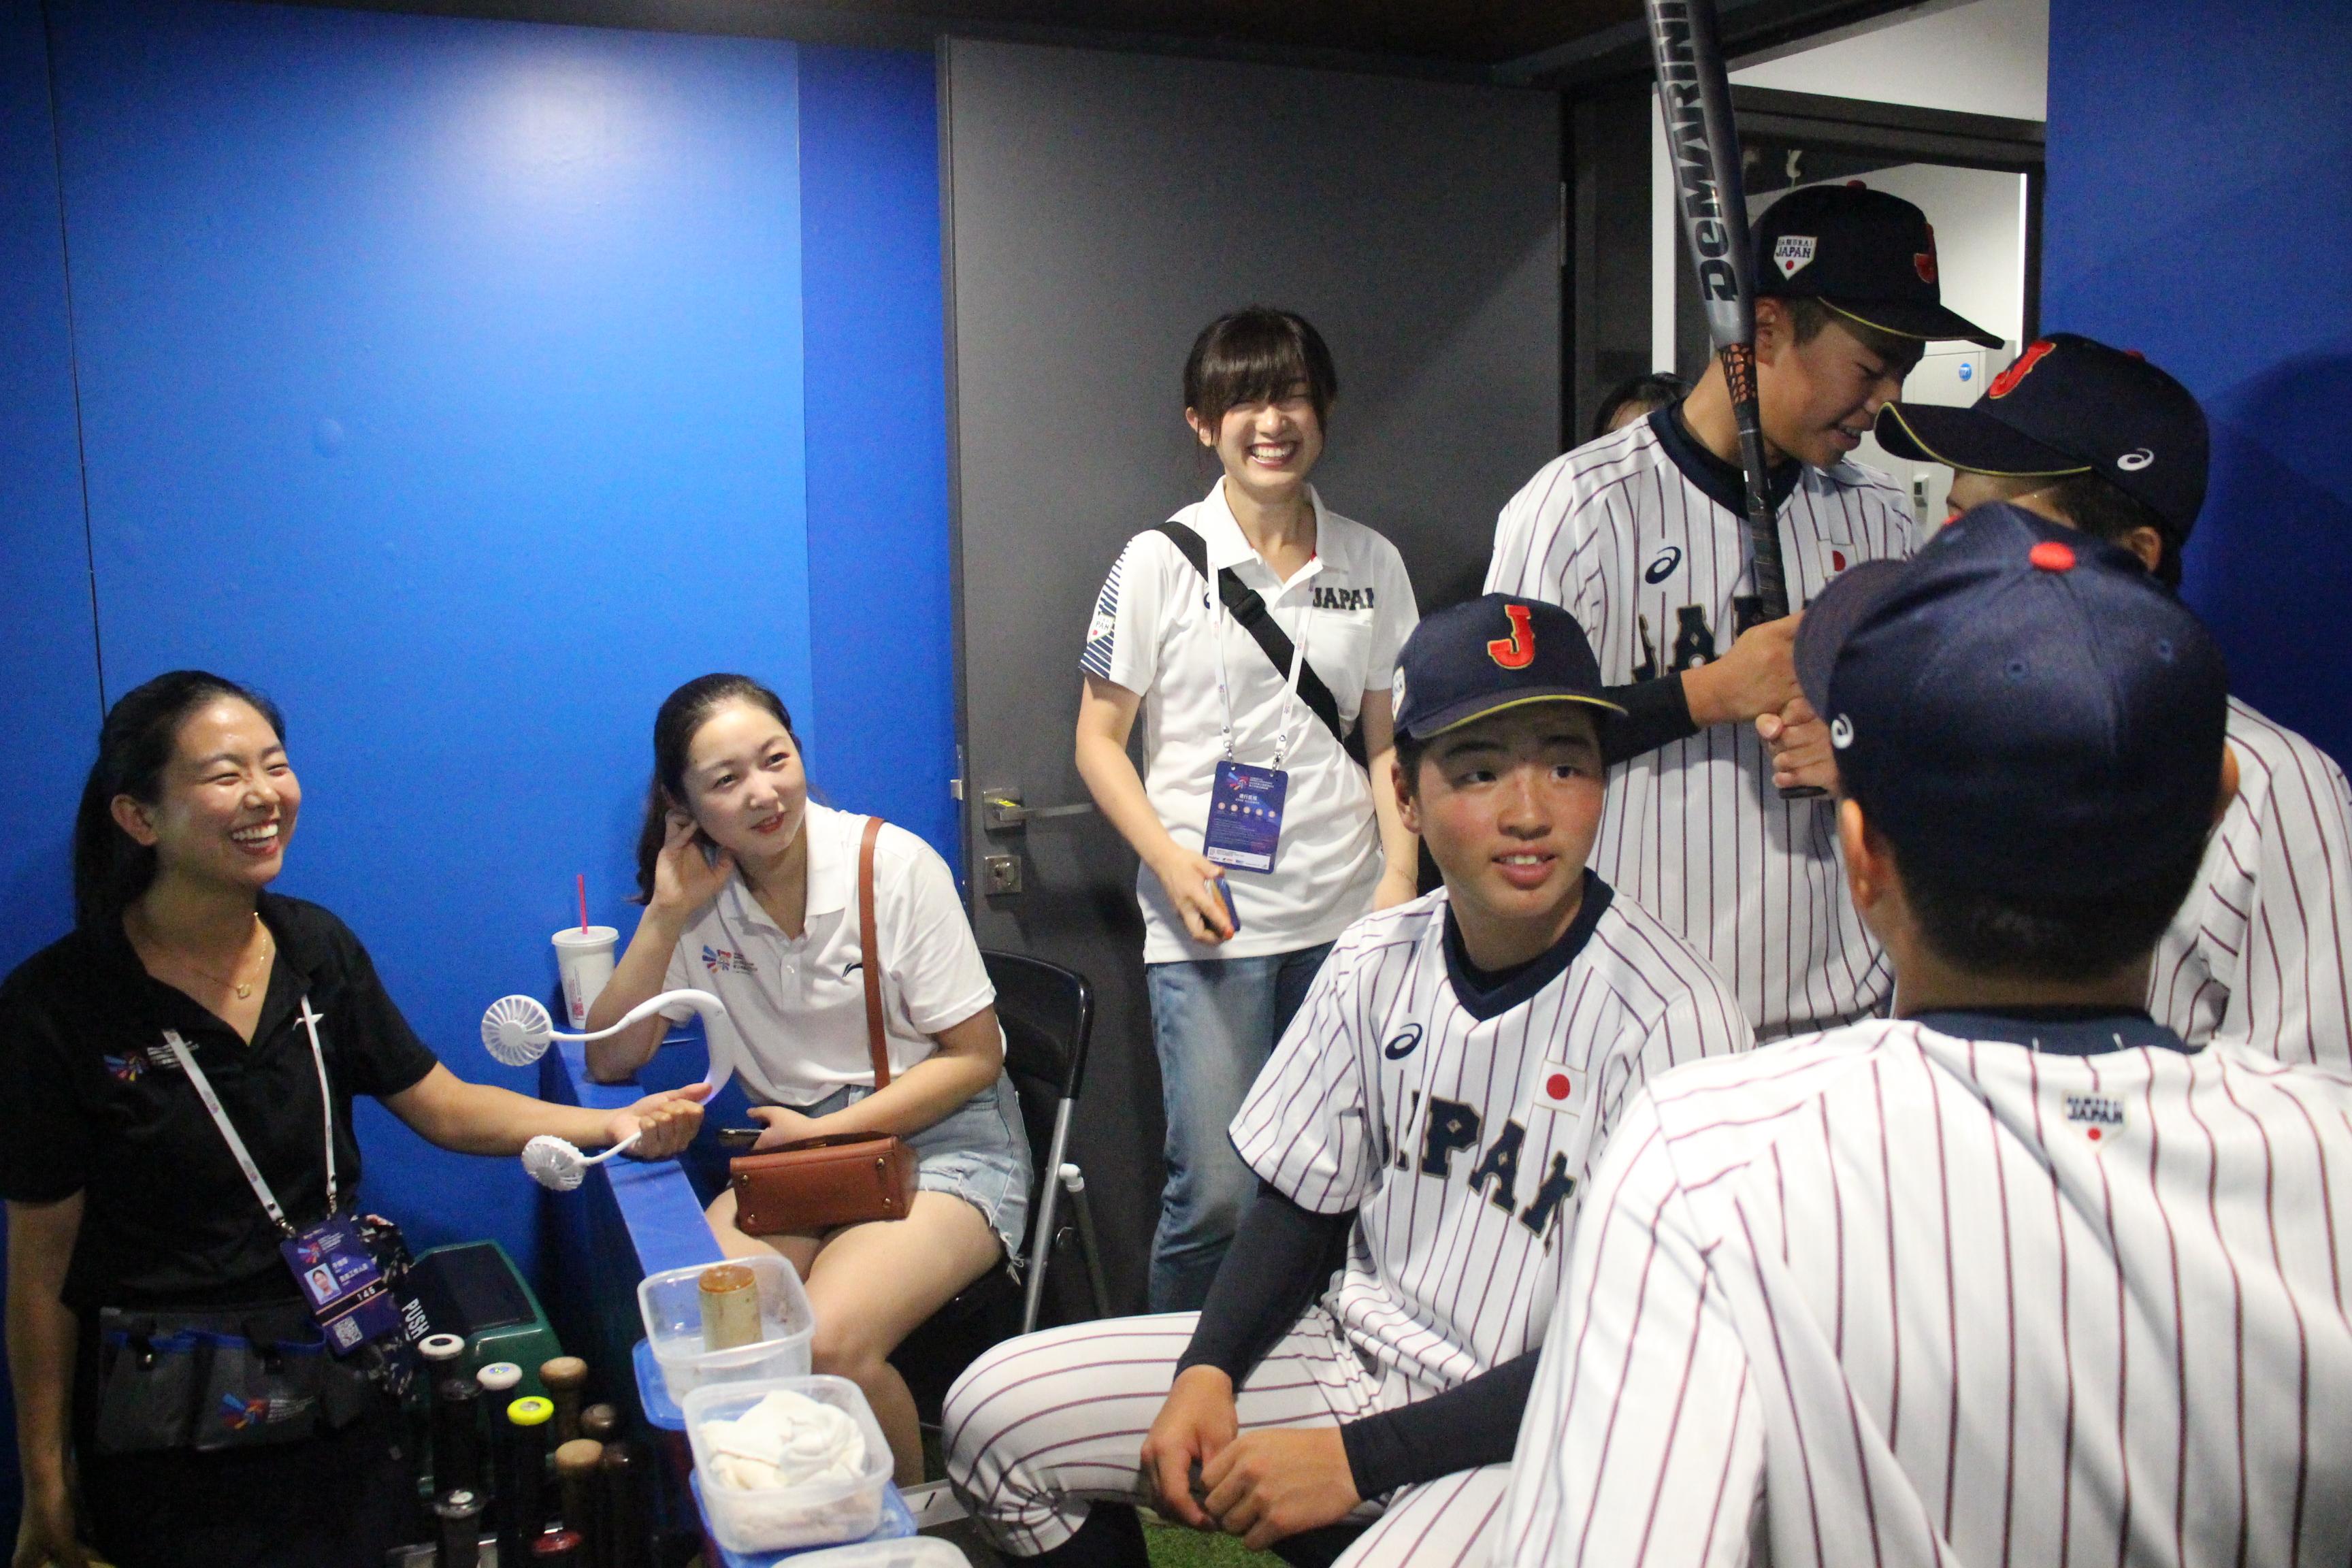 疲れを見せず試合を楽しみにする侍ジャパンU-15の選手たち